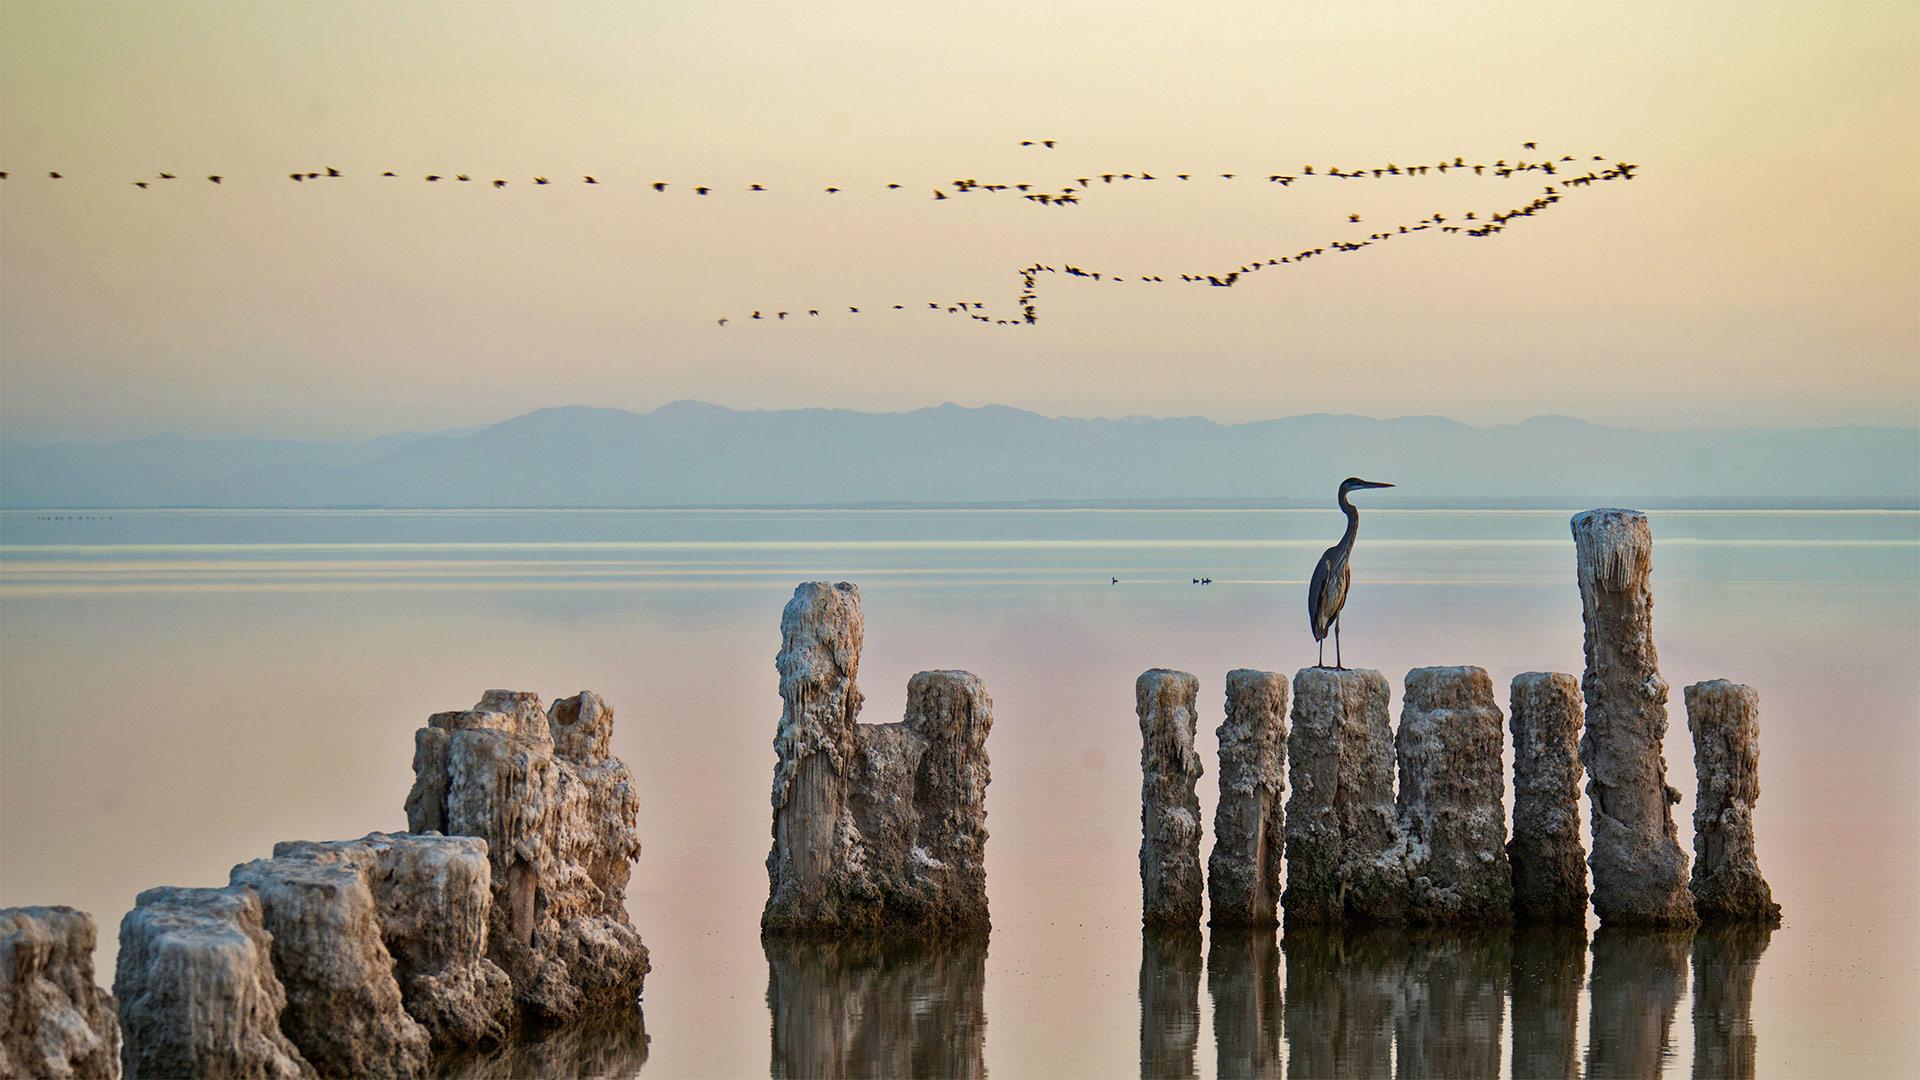 「ソルトン湖のサギ」米国カリフォルニア州 (© Garret Suhrie/Cavan Images)